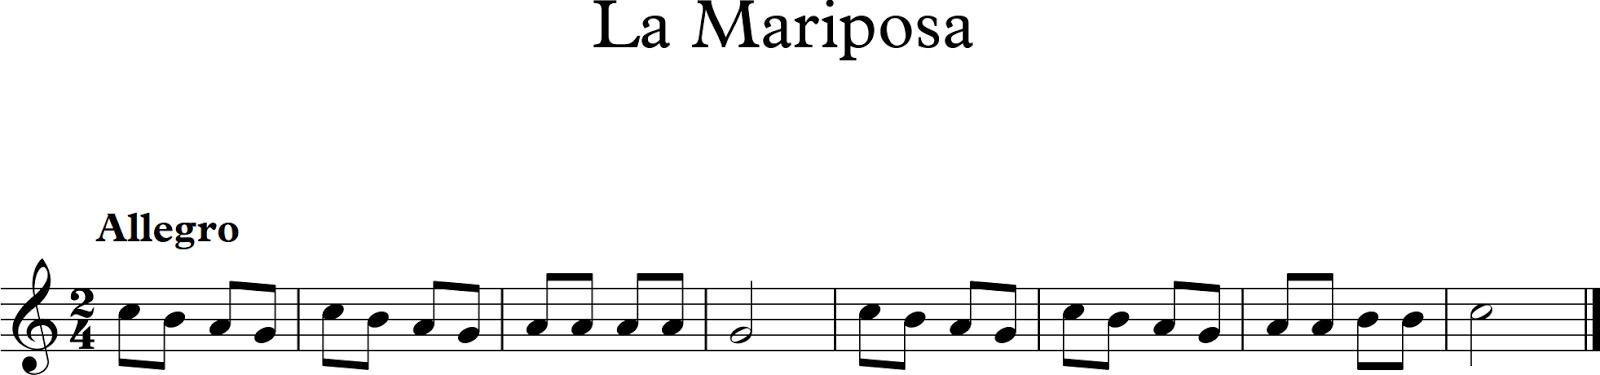 Descubriendo la m sica partituras para flauta dulce o de for Mariposita esta en la cocina